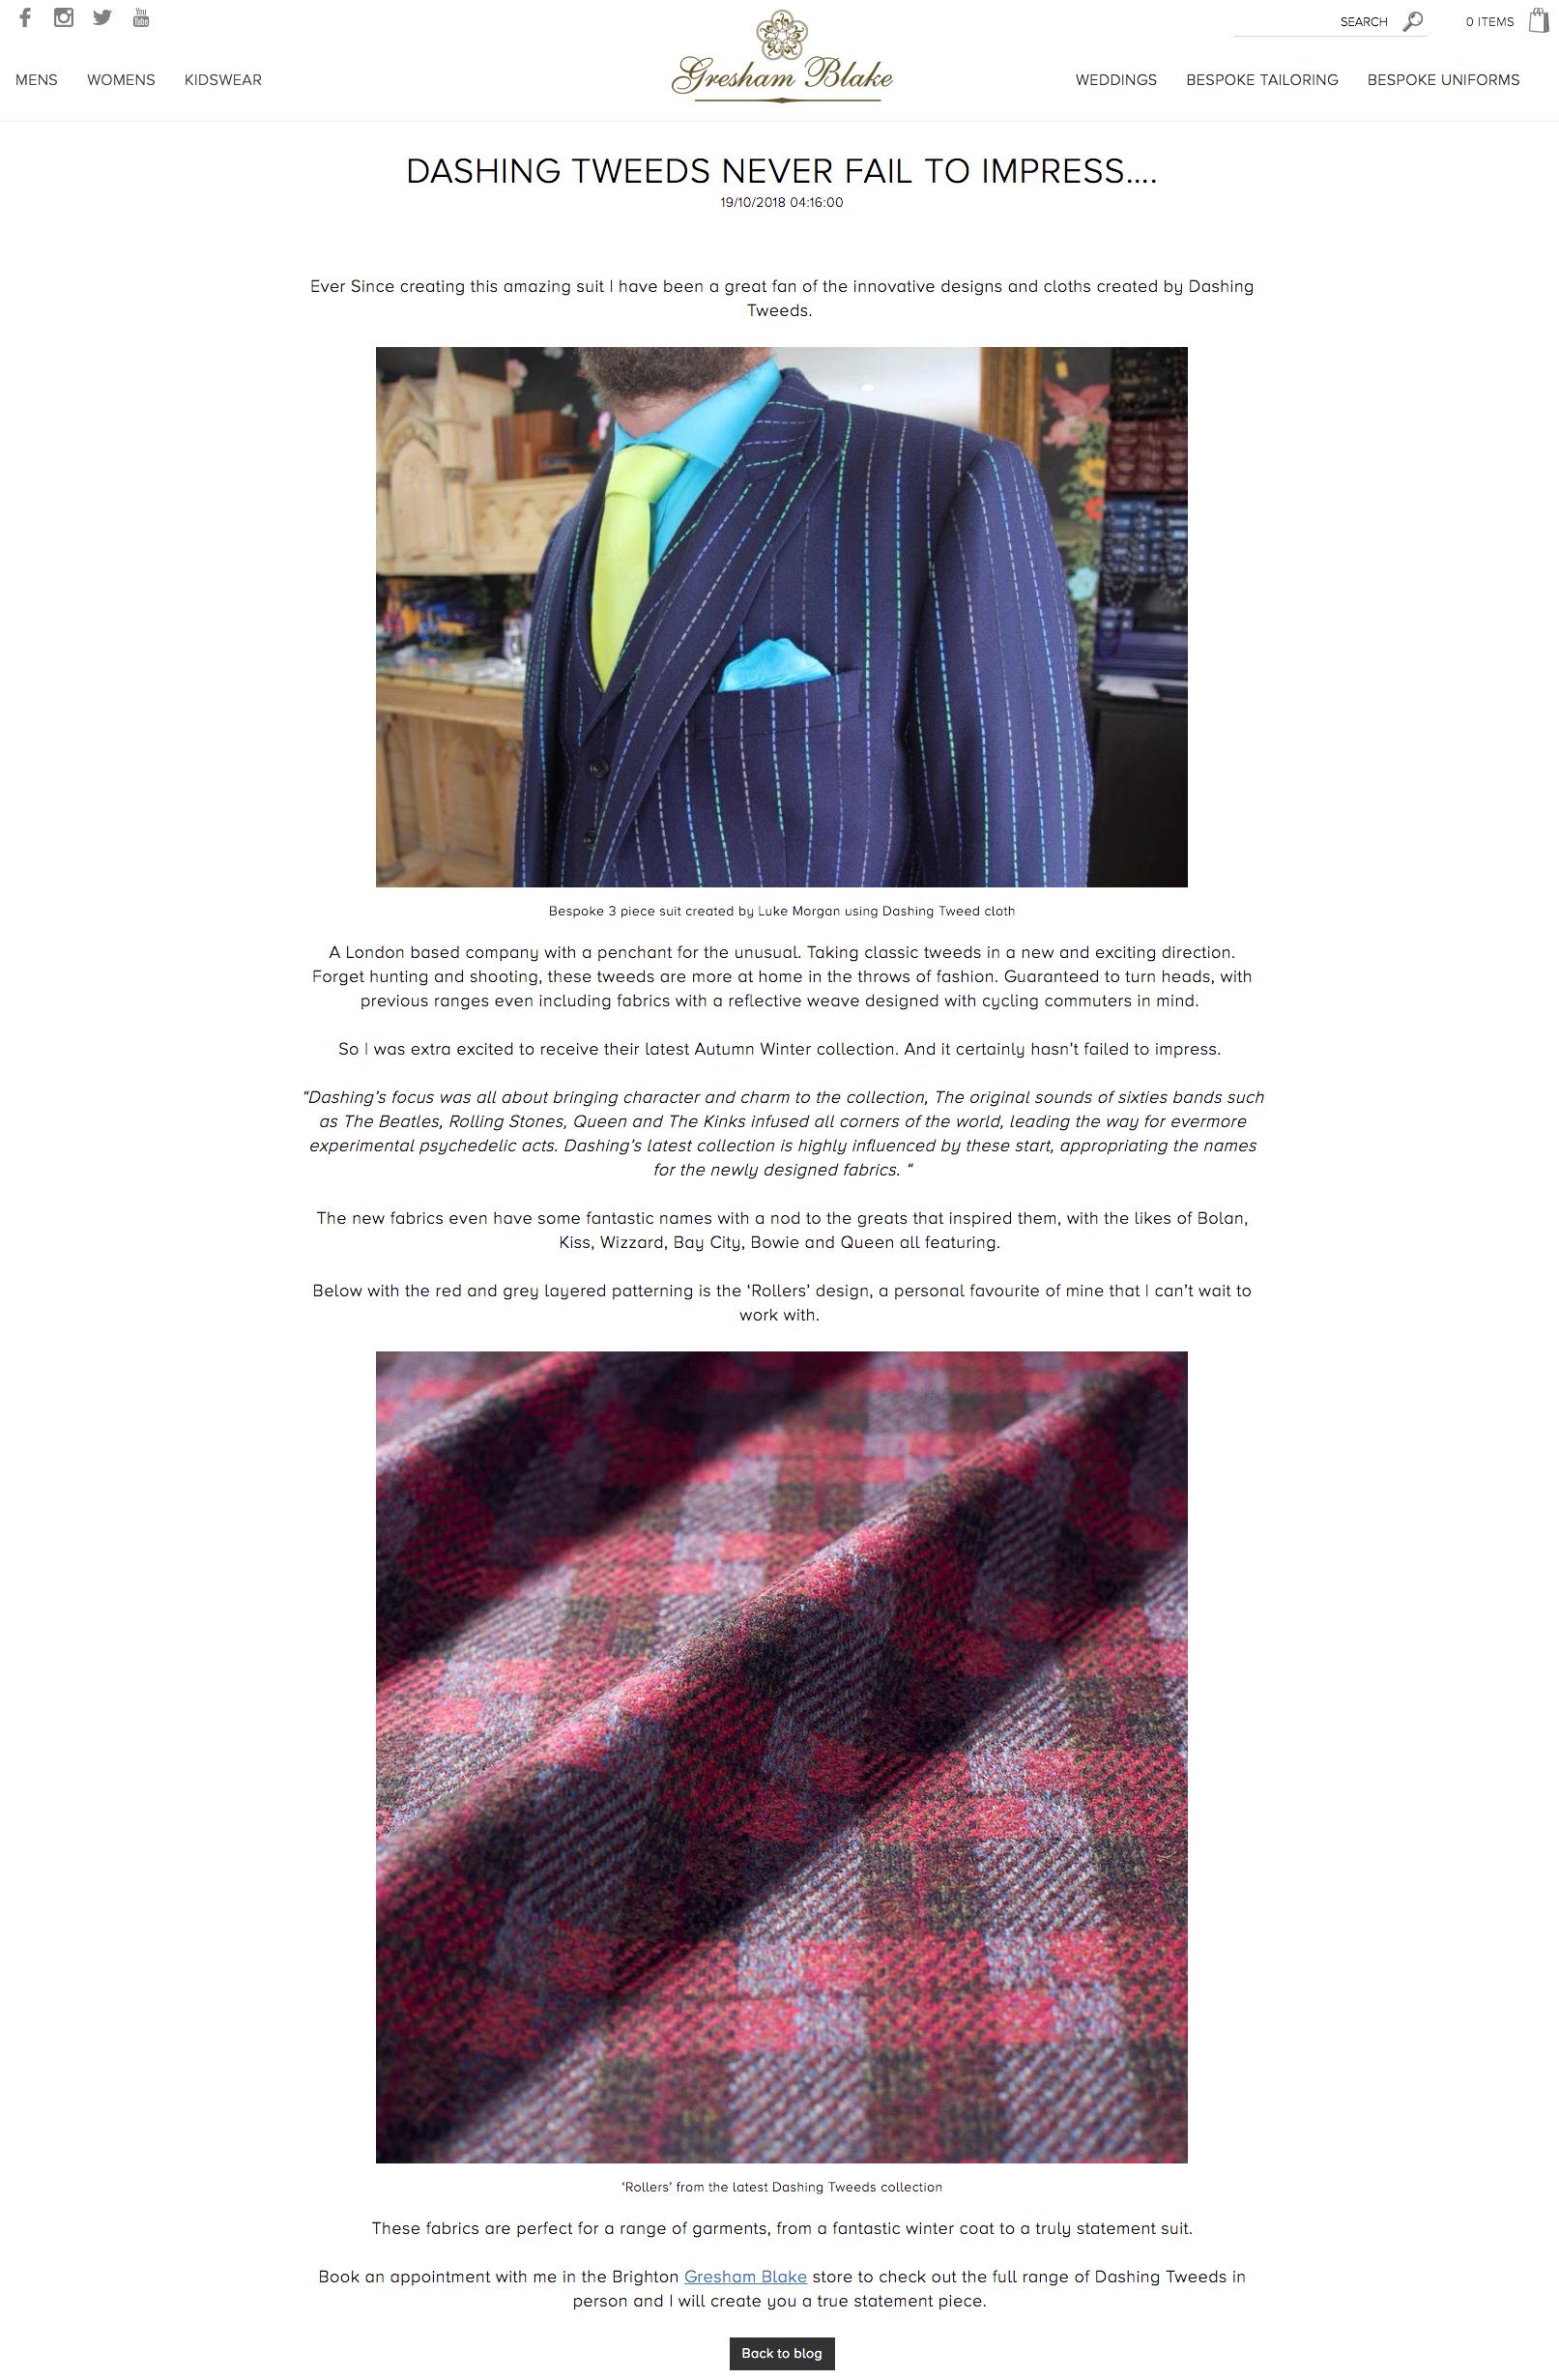 dashing tweeds, Gresham Blake, 47 Dorset street, menswear, tweed, tweeds, British tailoring, luxury, style